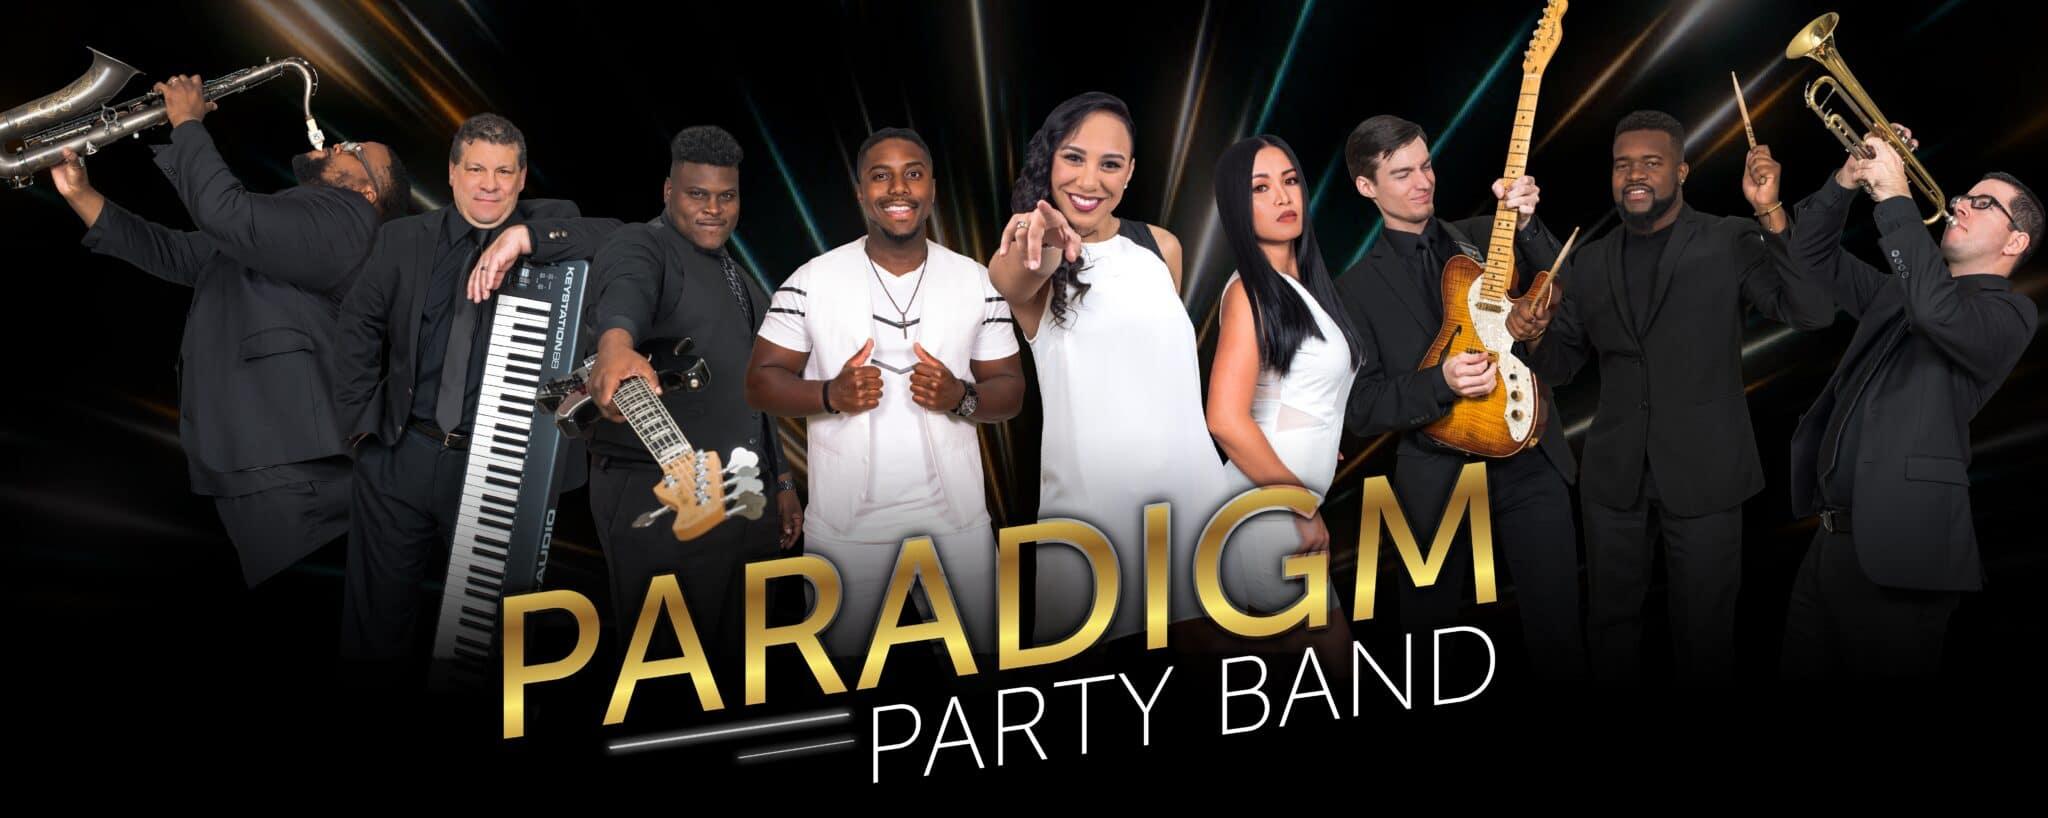 paradigm-party-band82d420d7aac8c133fa38fcc020f13c4c